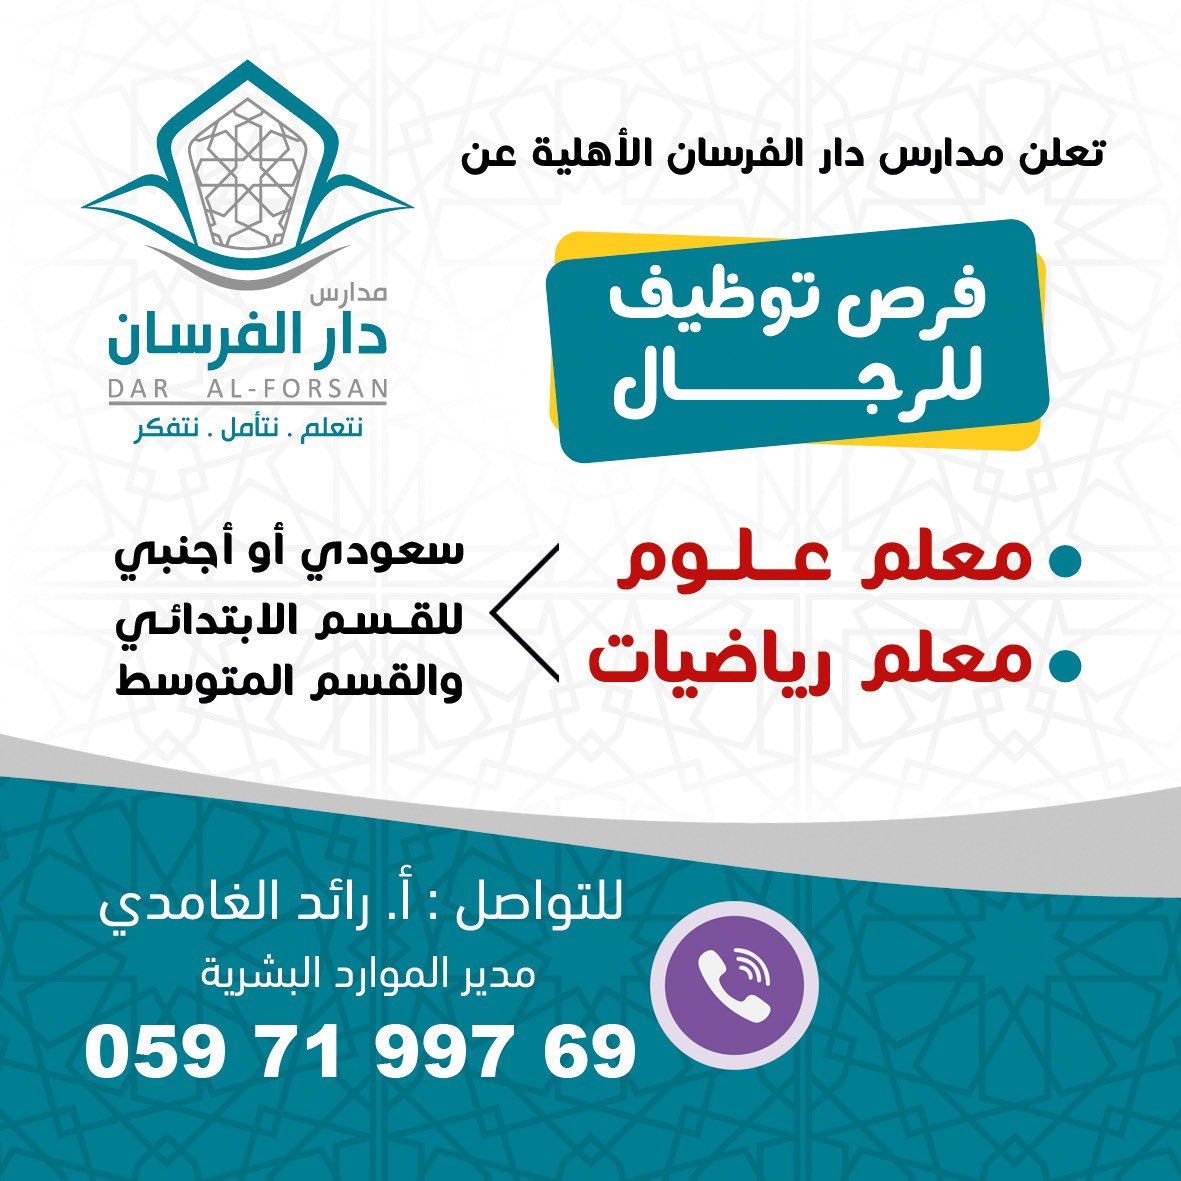 وظائف شاغرة في #مدارس_الفرسان_الاهلية بنين فى #جدة   - معلم علوم  - معلم رياضيات